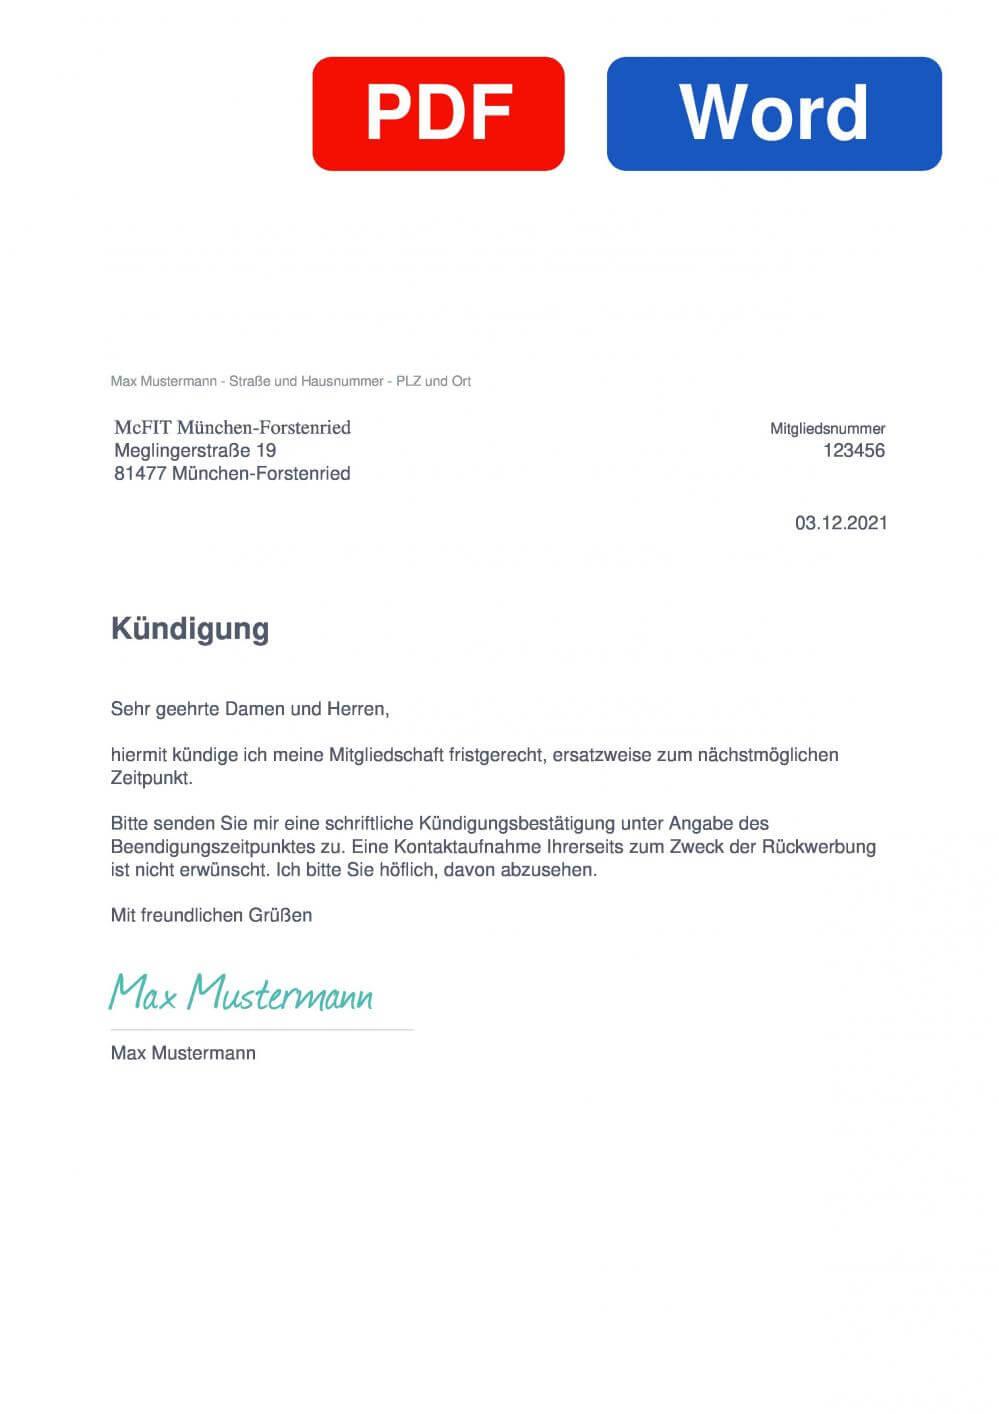 McFIT München-Forstenried Muster Vorlage für Kündigungsschreiben